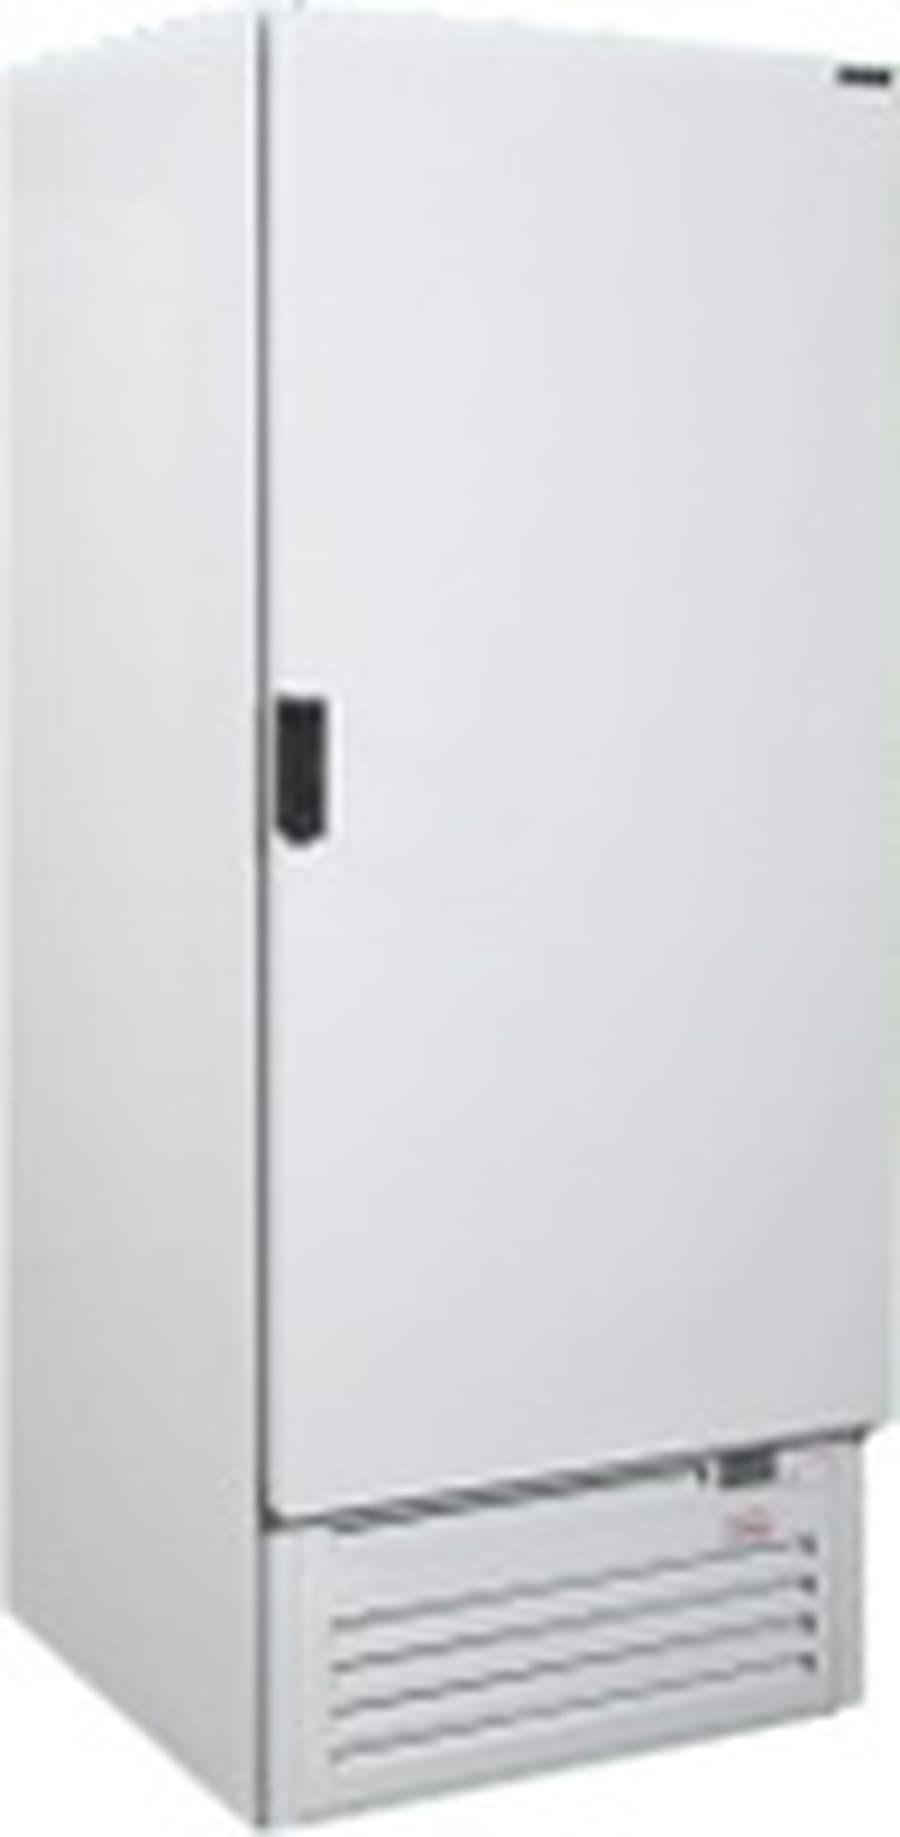 Шкаф морозильный ШНУП1ТУ - 0,7М